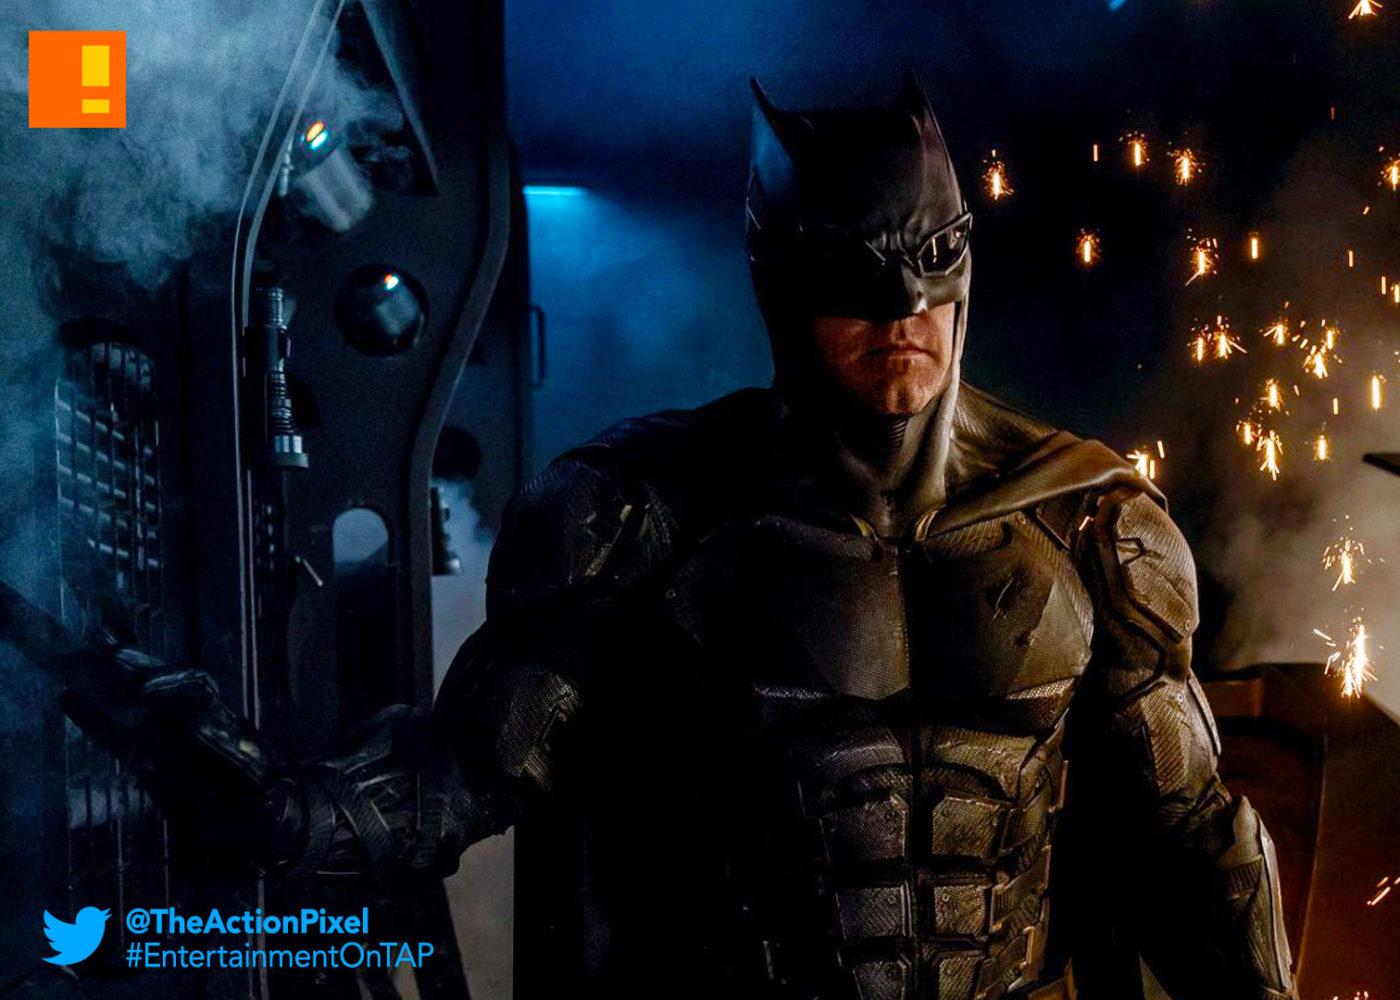 batman, justice league, ben affleck, zack snyder,dceu, dc comics, the action pixel, entertainment on tap,